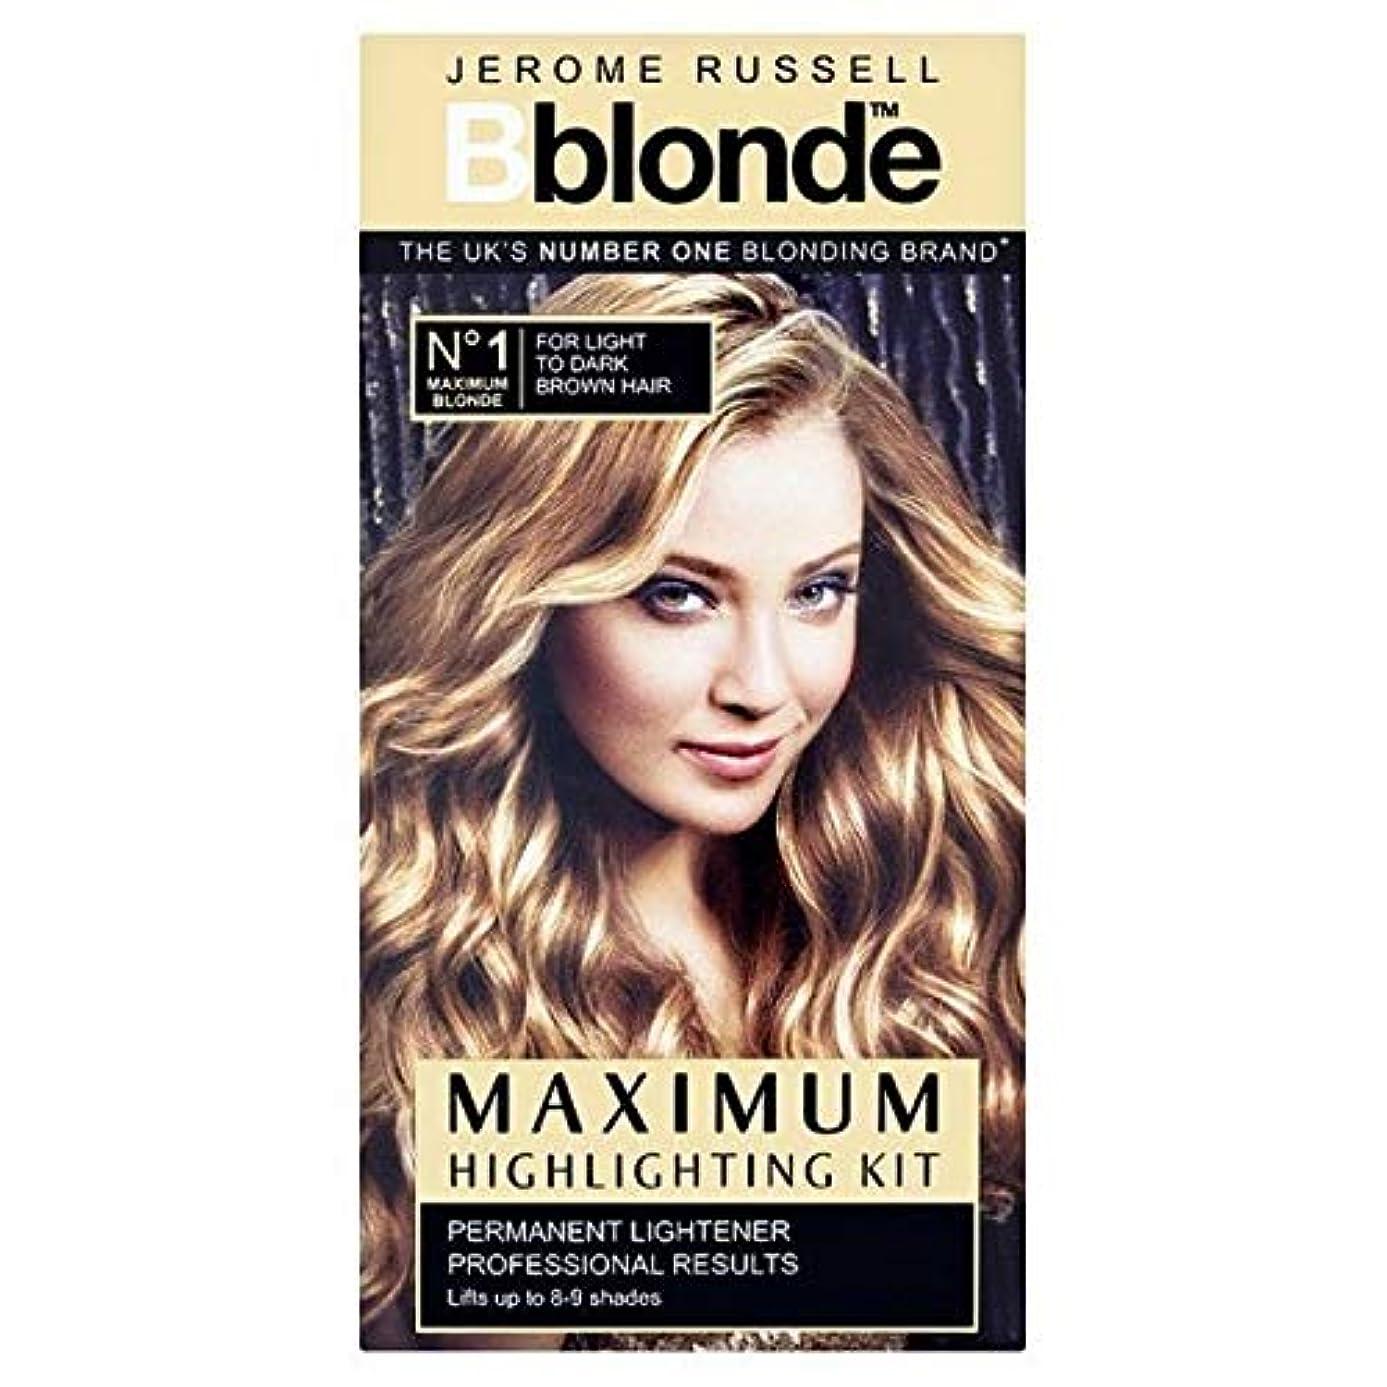 人気のトリッキー代名詞[B Blonde] ジェロームラッセルBblonde強調するキットライトナー - Jerome Russell Bblonde Highlighting Kit Lightner [並行輸入品]